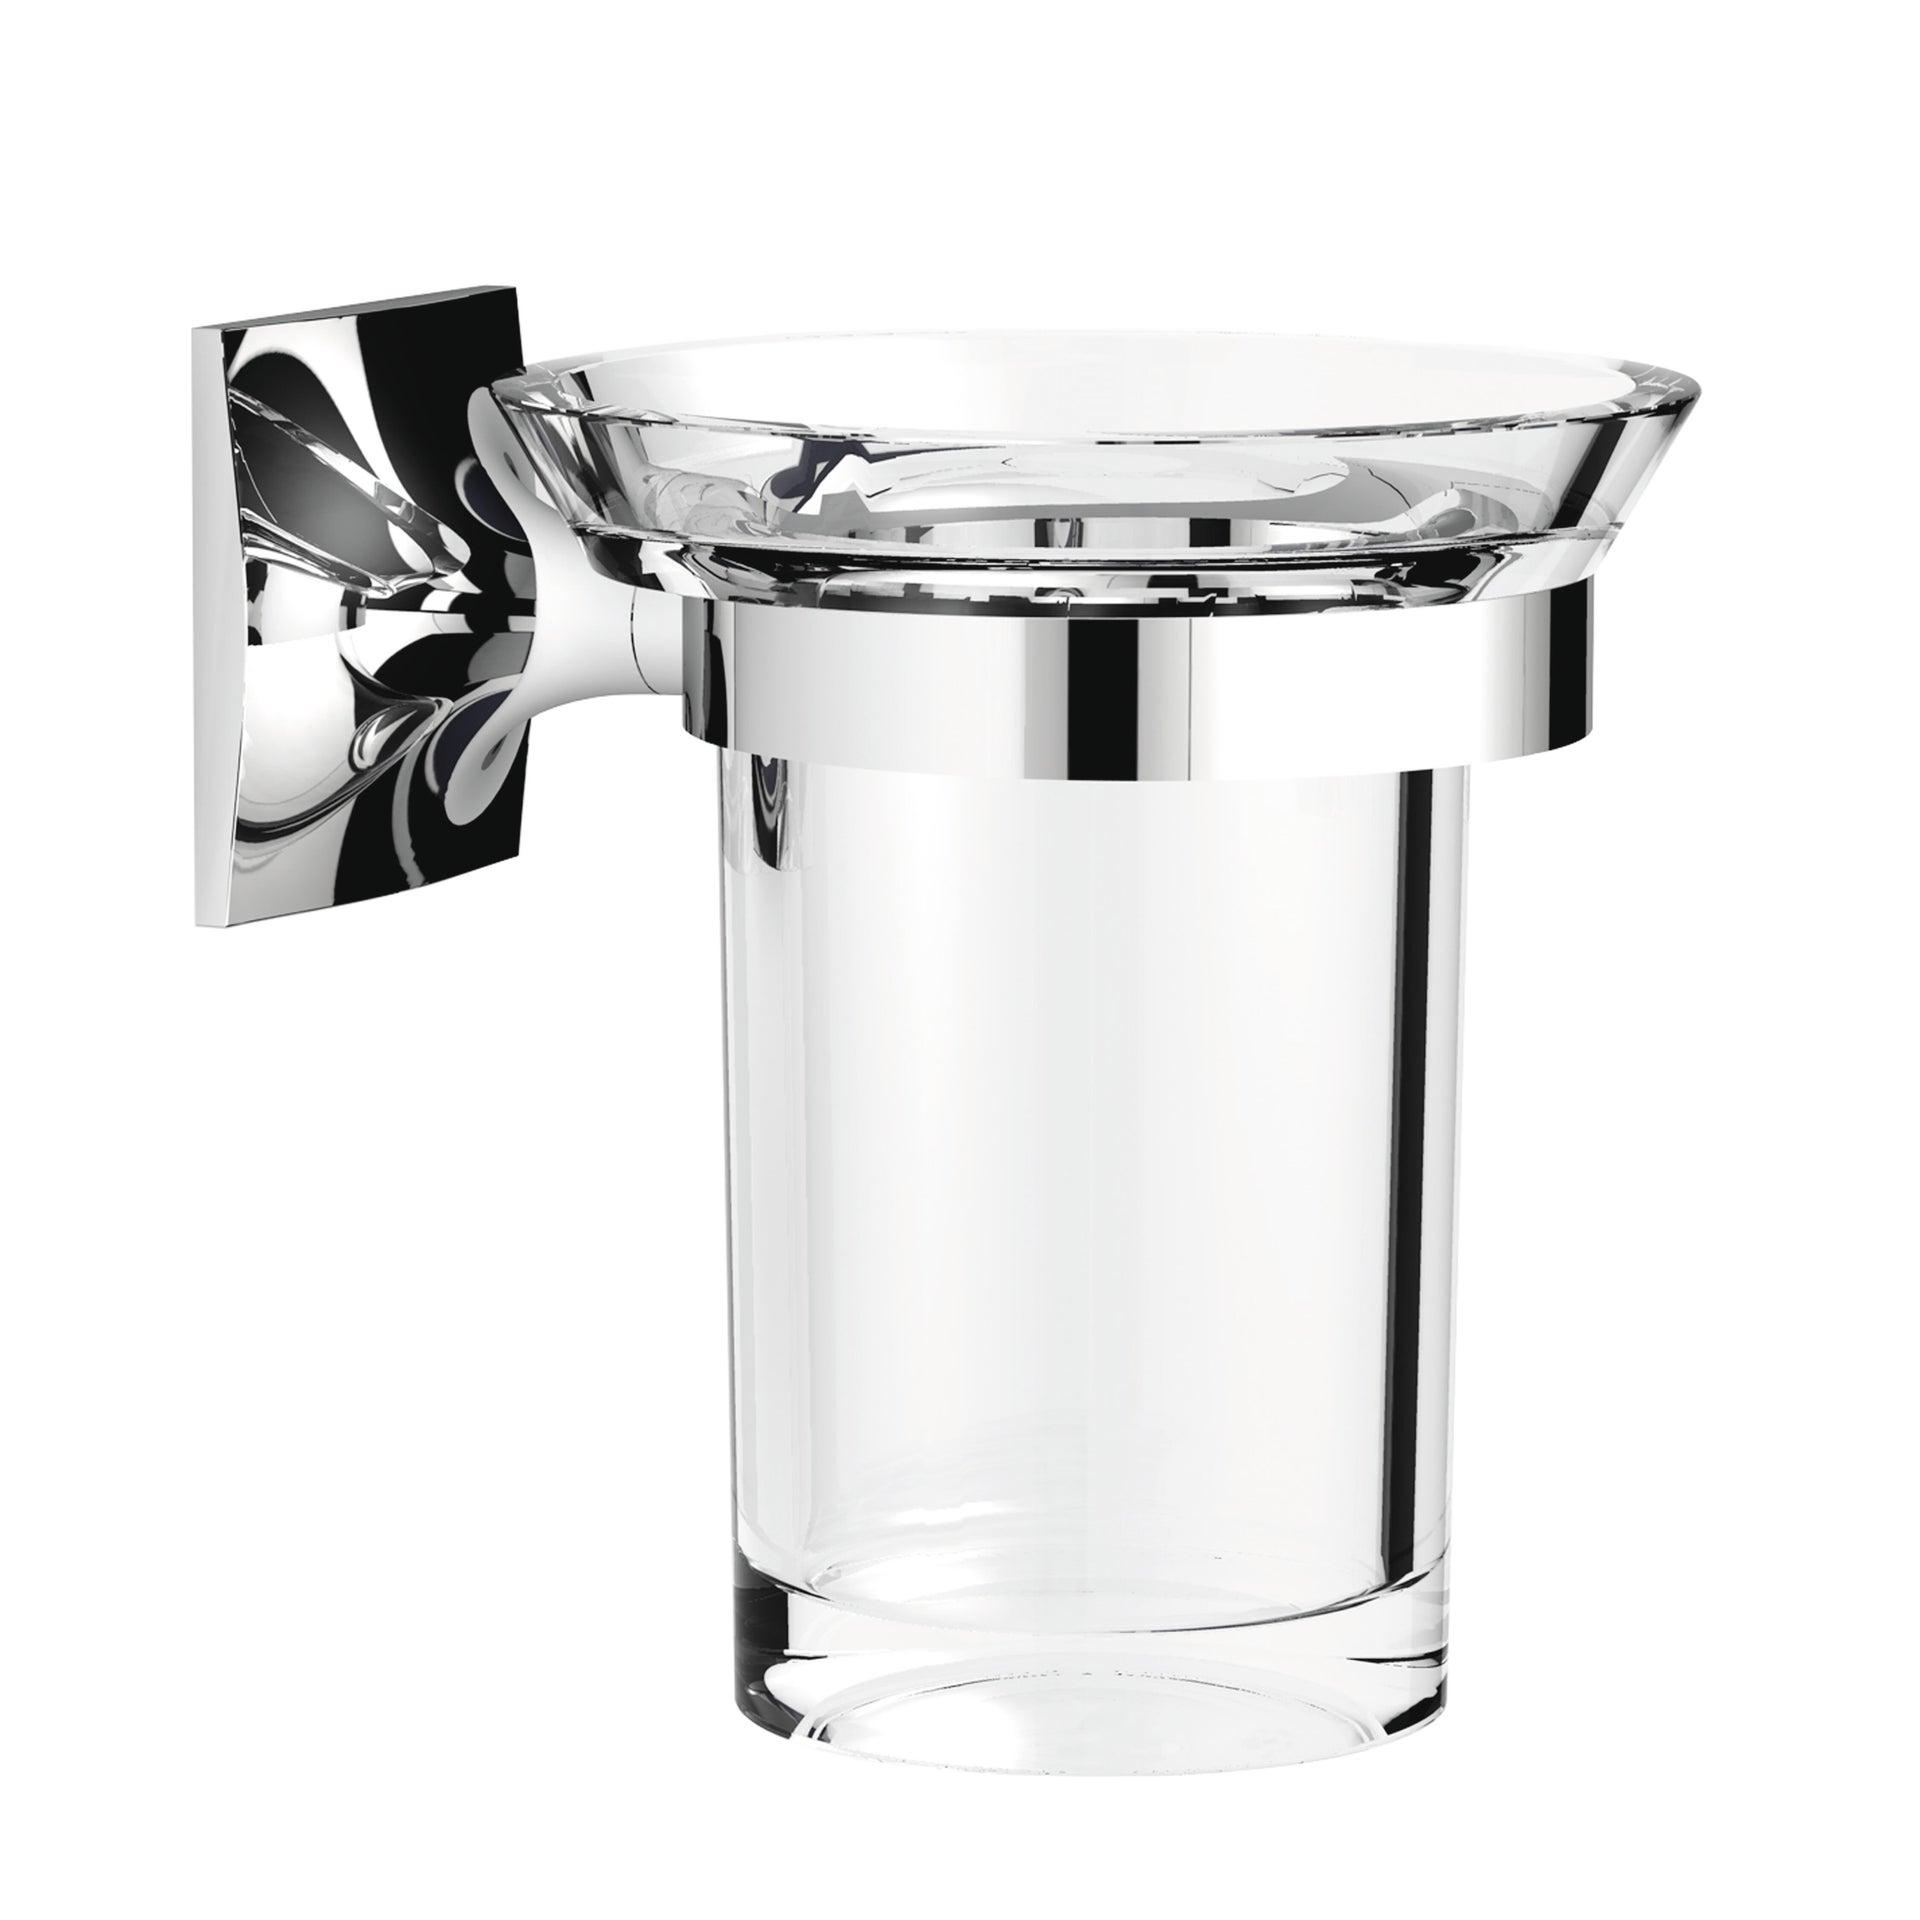 Bicchiere porta spazzolini Wizard in acrilico trasparente